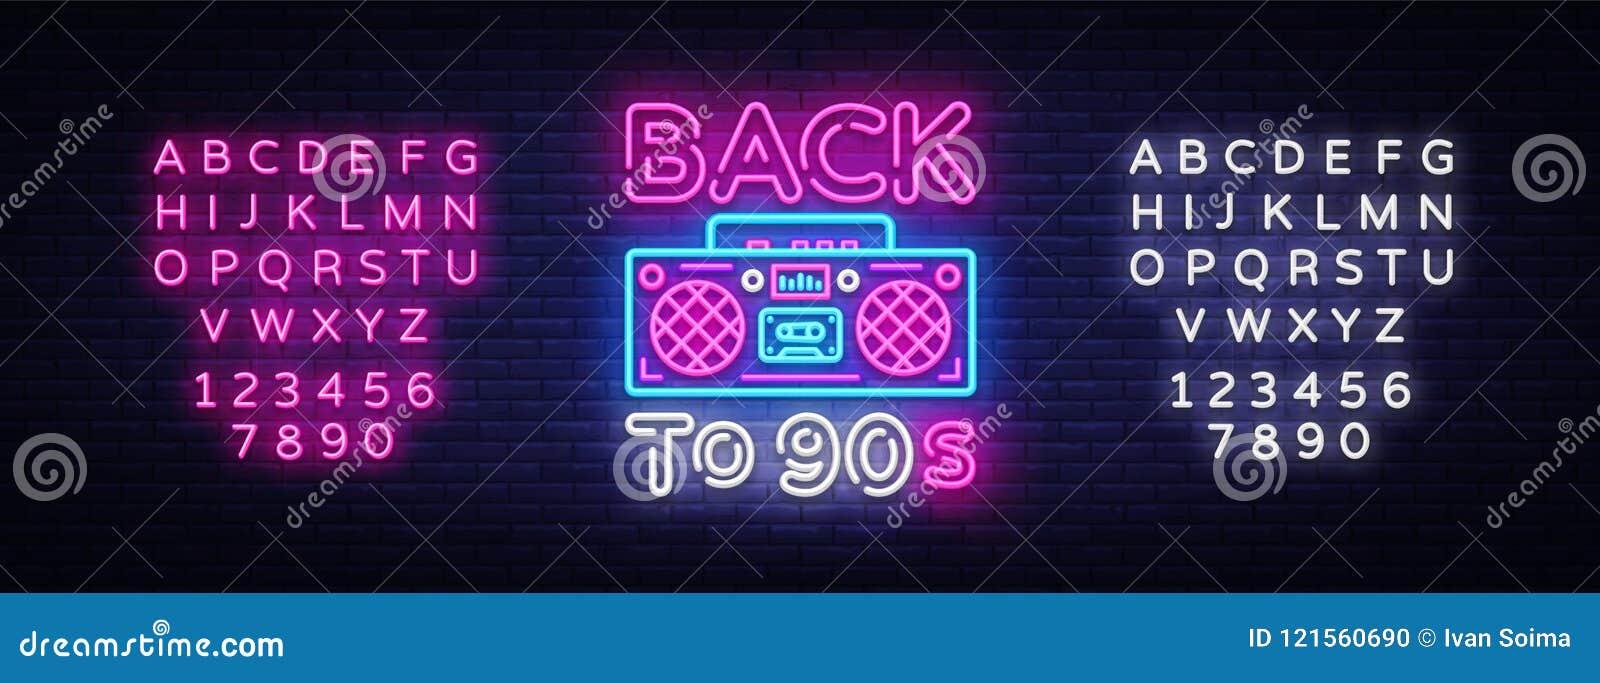 De Nuevo Al Cartel 90s A La Tarjeta O A La Invitación De